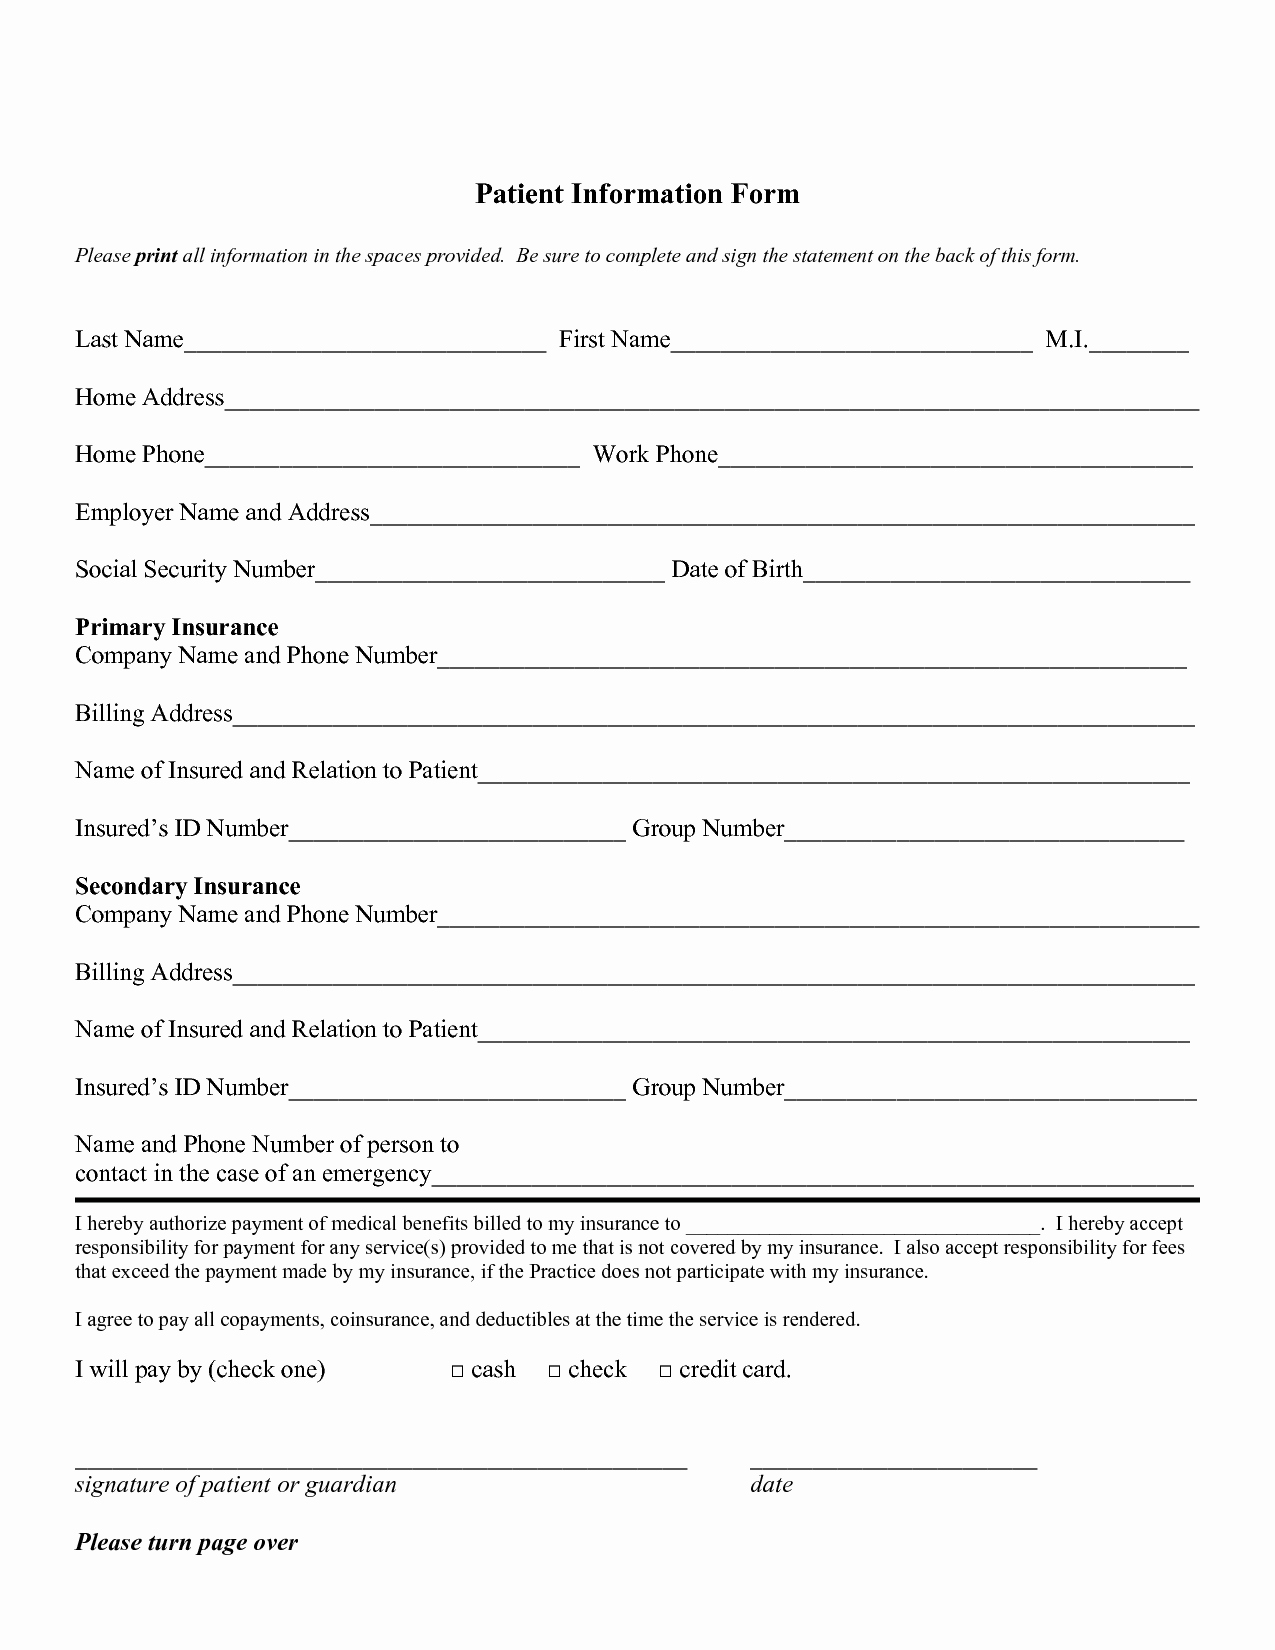 Patient Information form Template Unique Patient Information Sheet